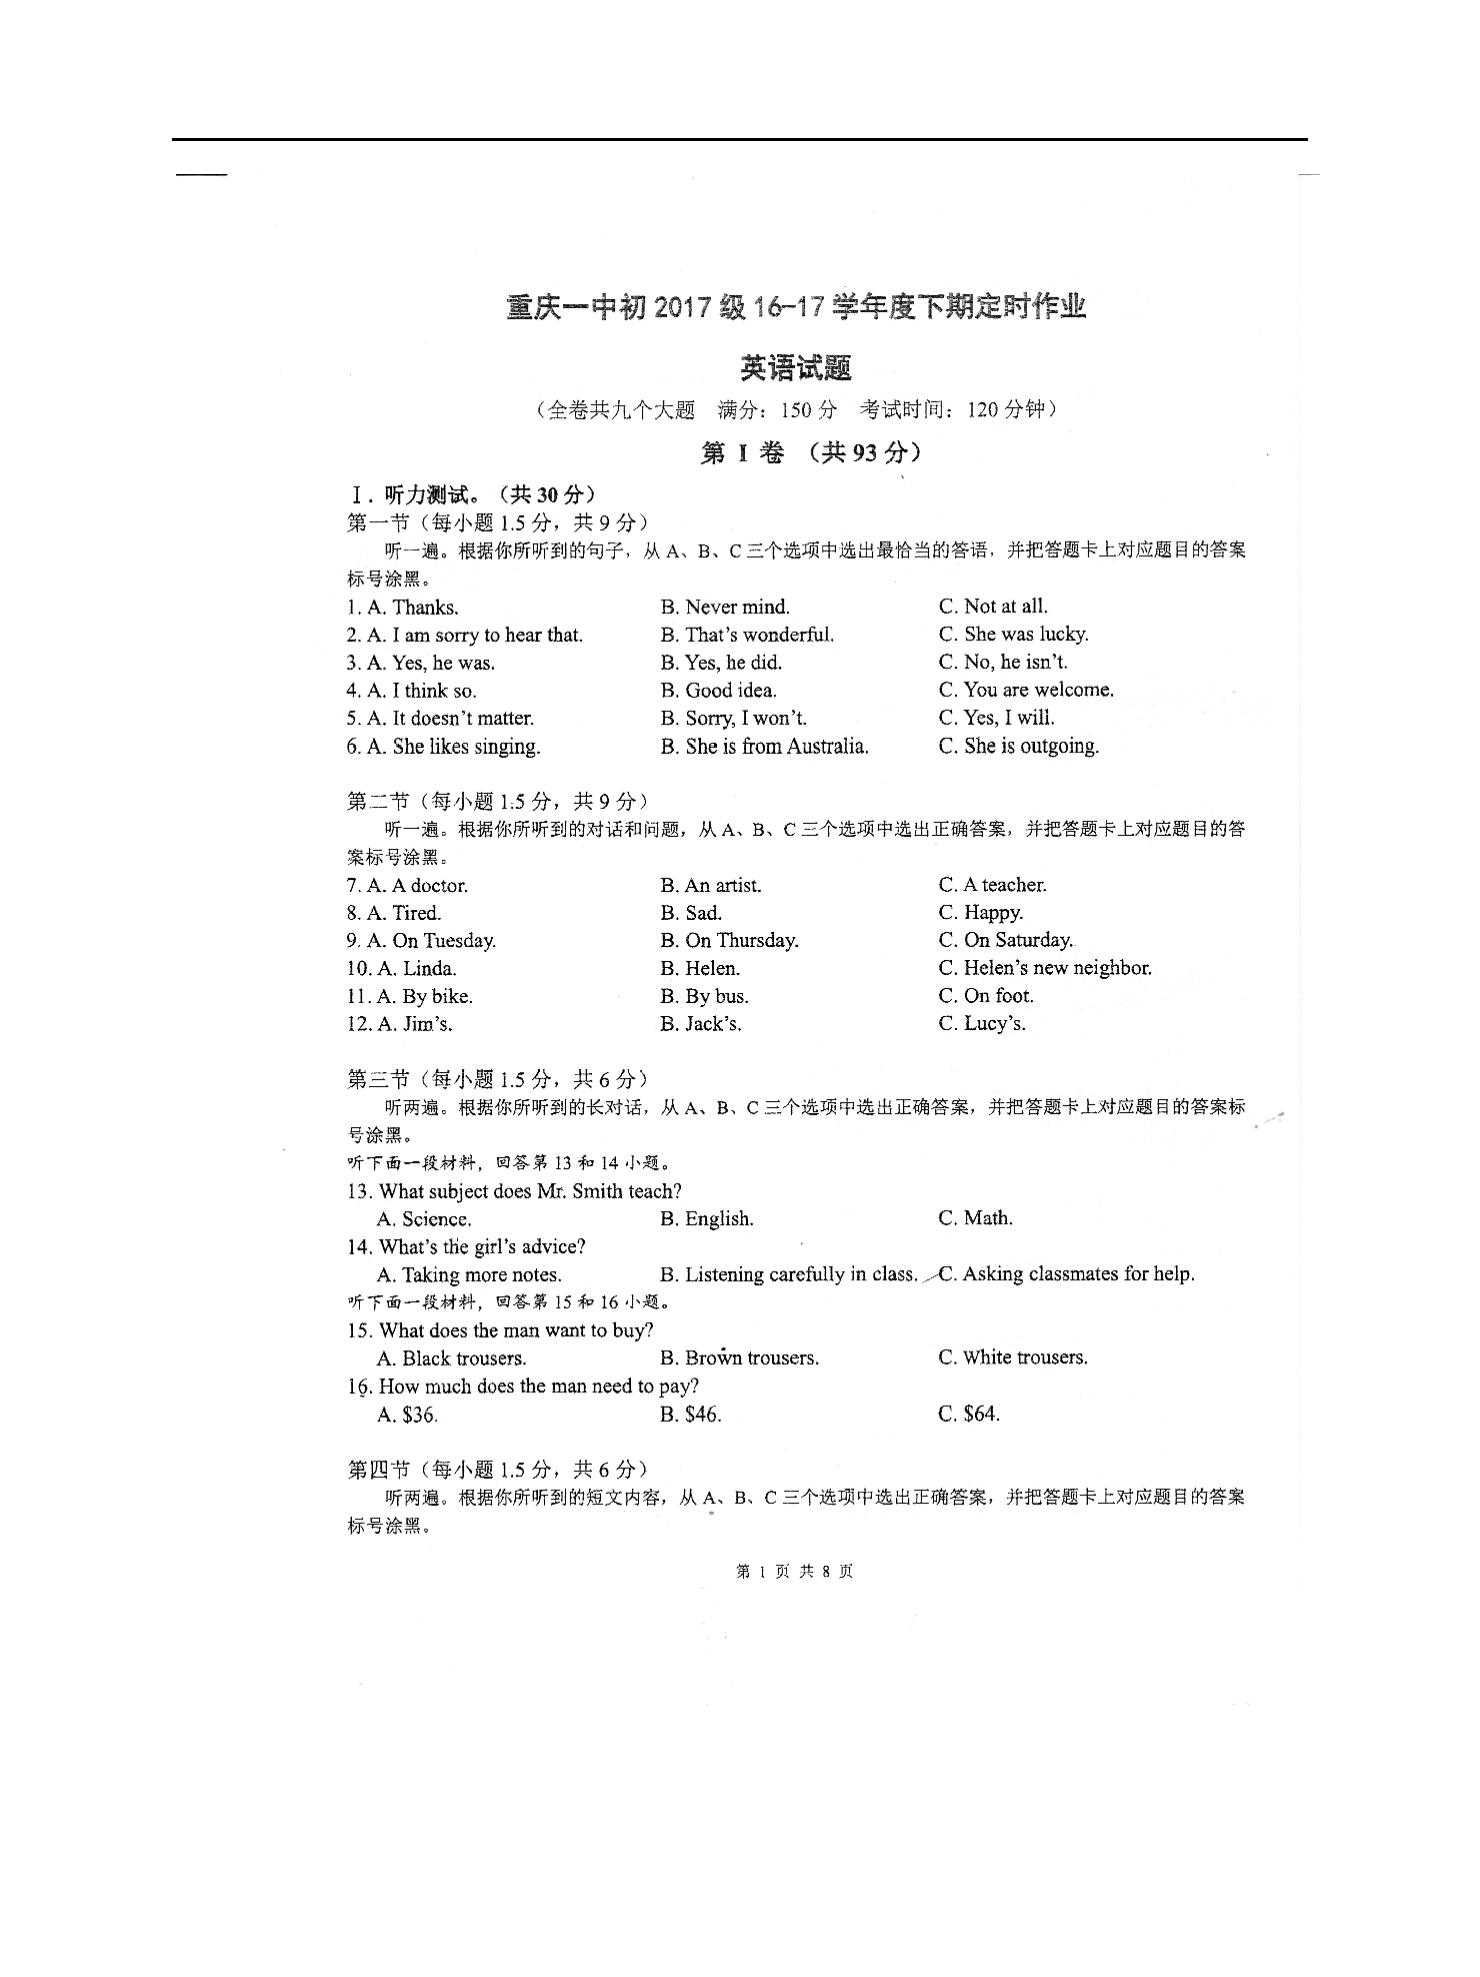 重庆第一中学2017九年级3月定时作业英语试题(图片版)